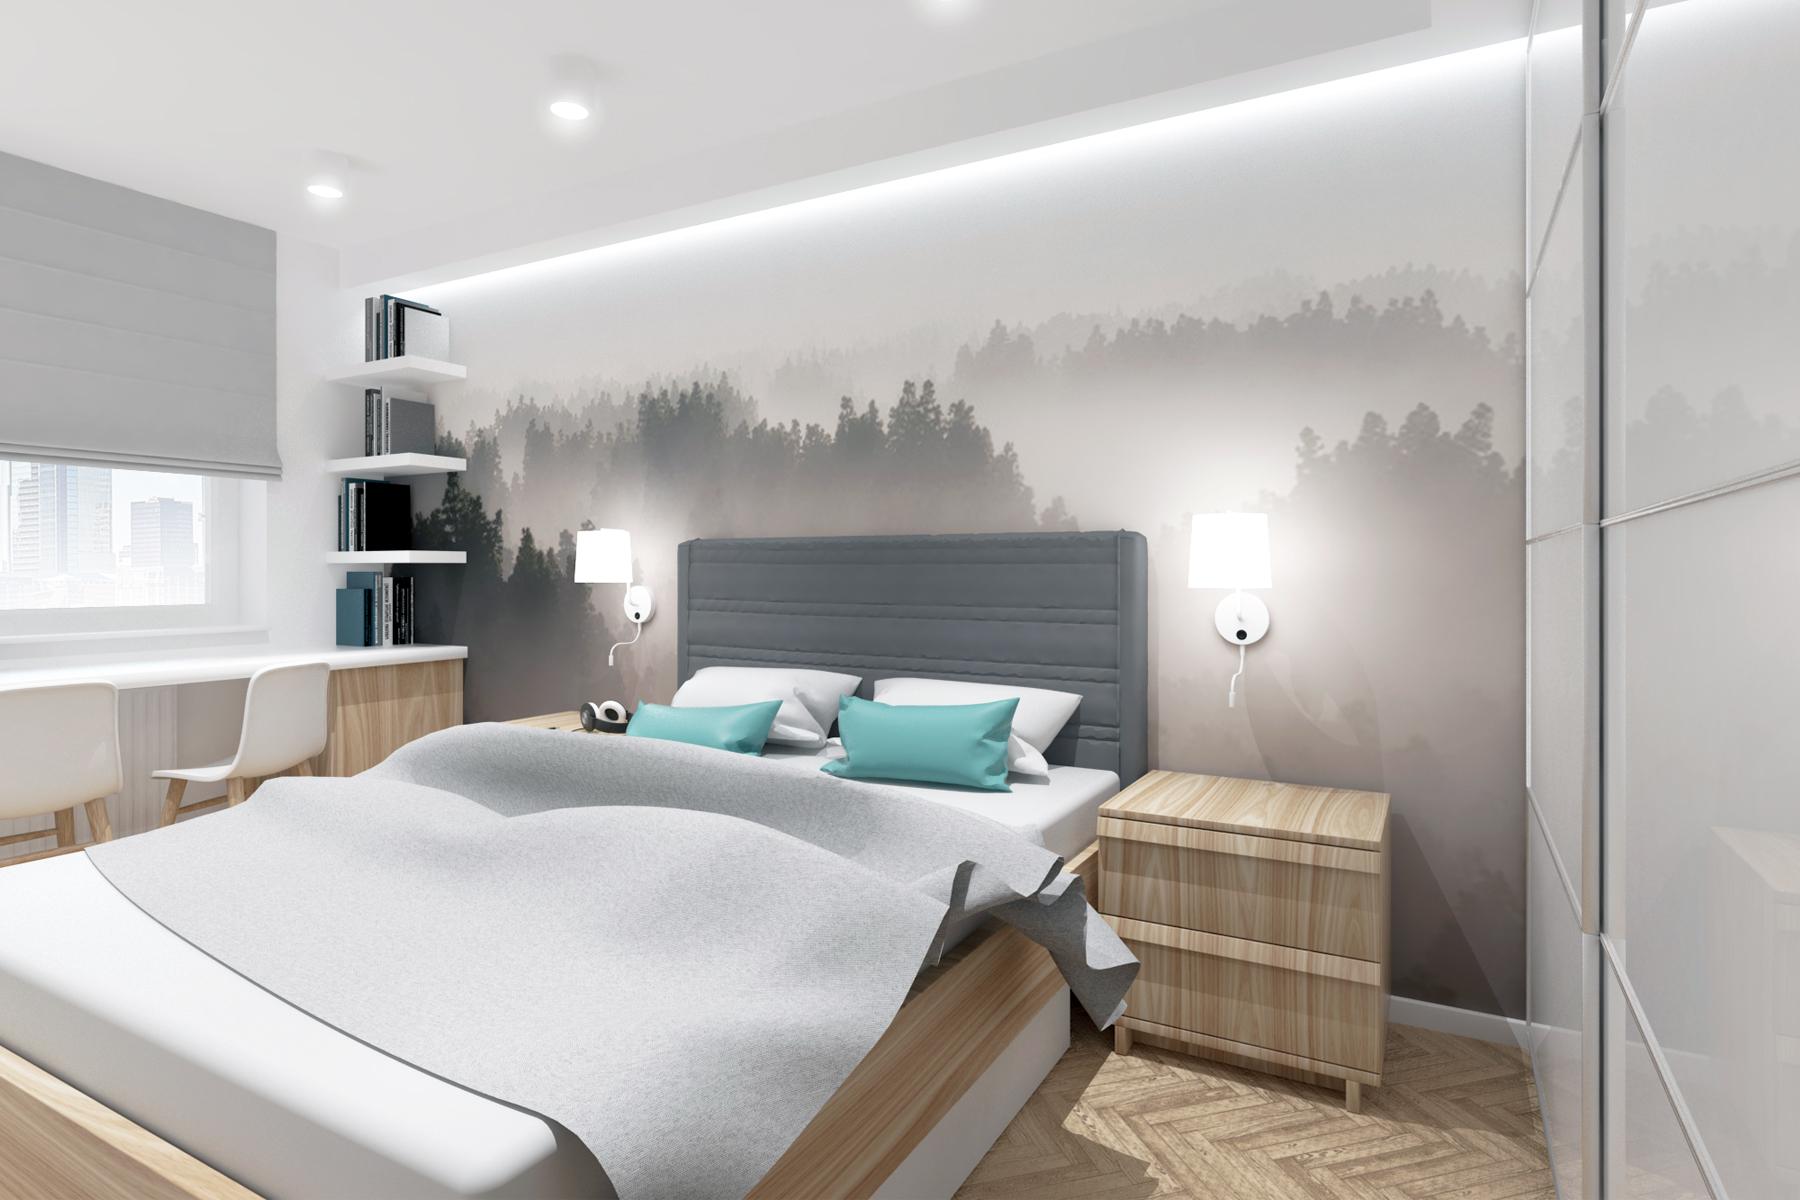 Projekty wnętrz - klimatyczna sypialnia z fototapetą.